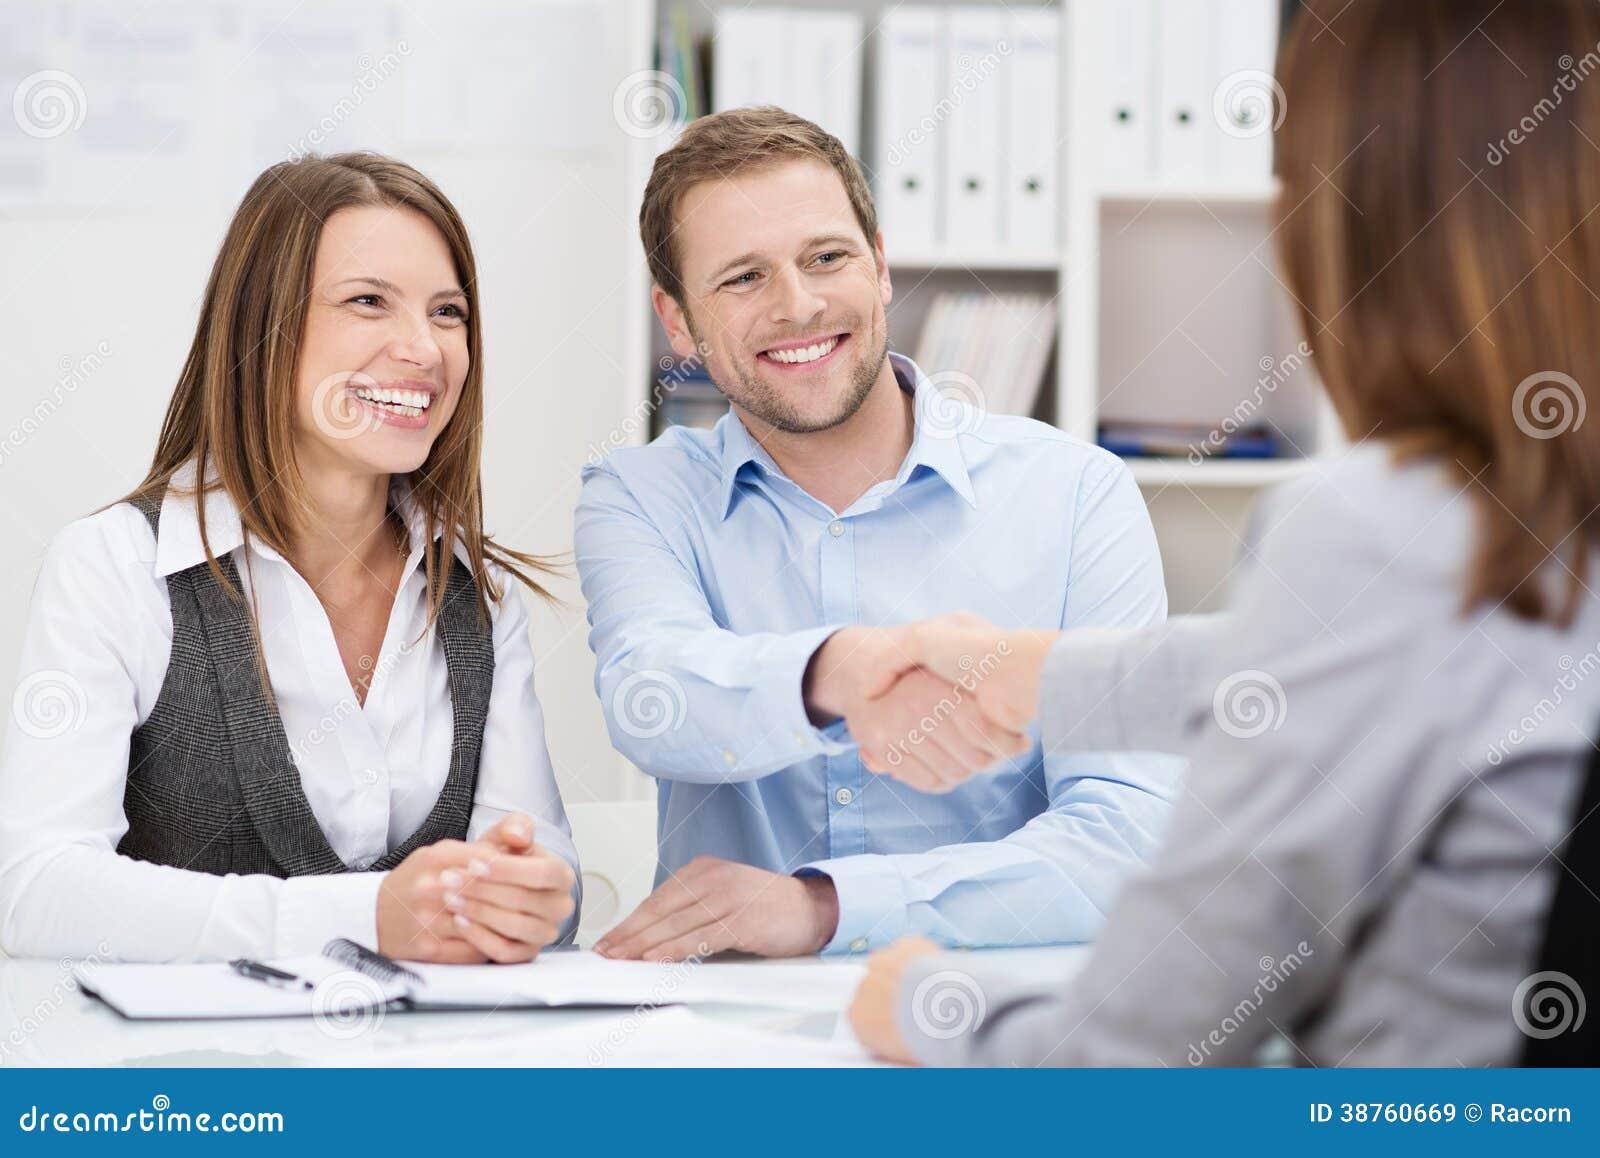 Lächelnder junger Mann, der Hände mit einem Mittel rüttelt